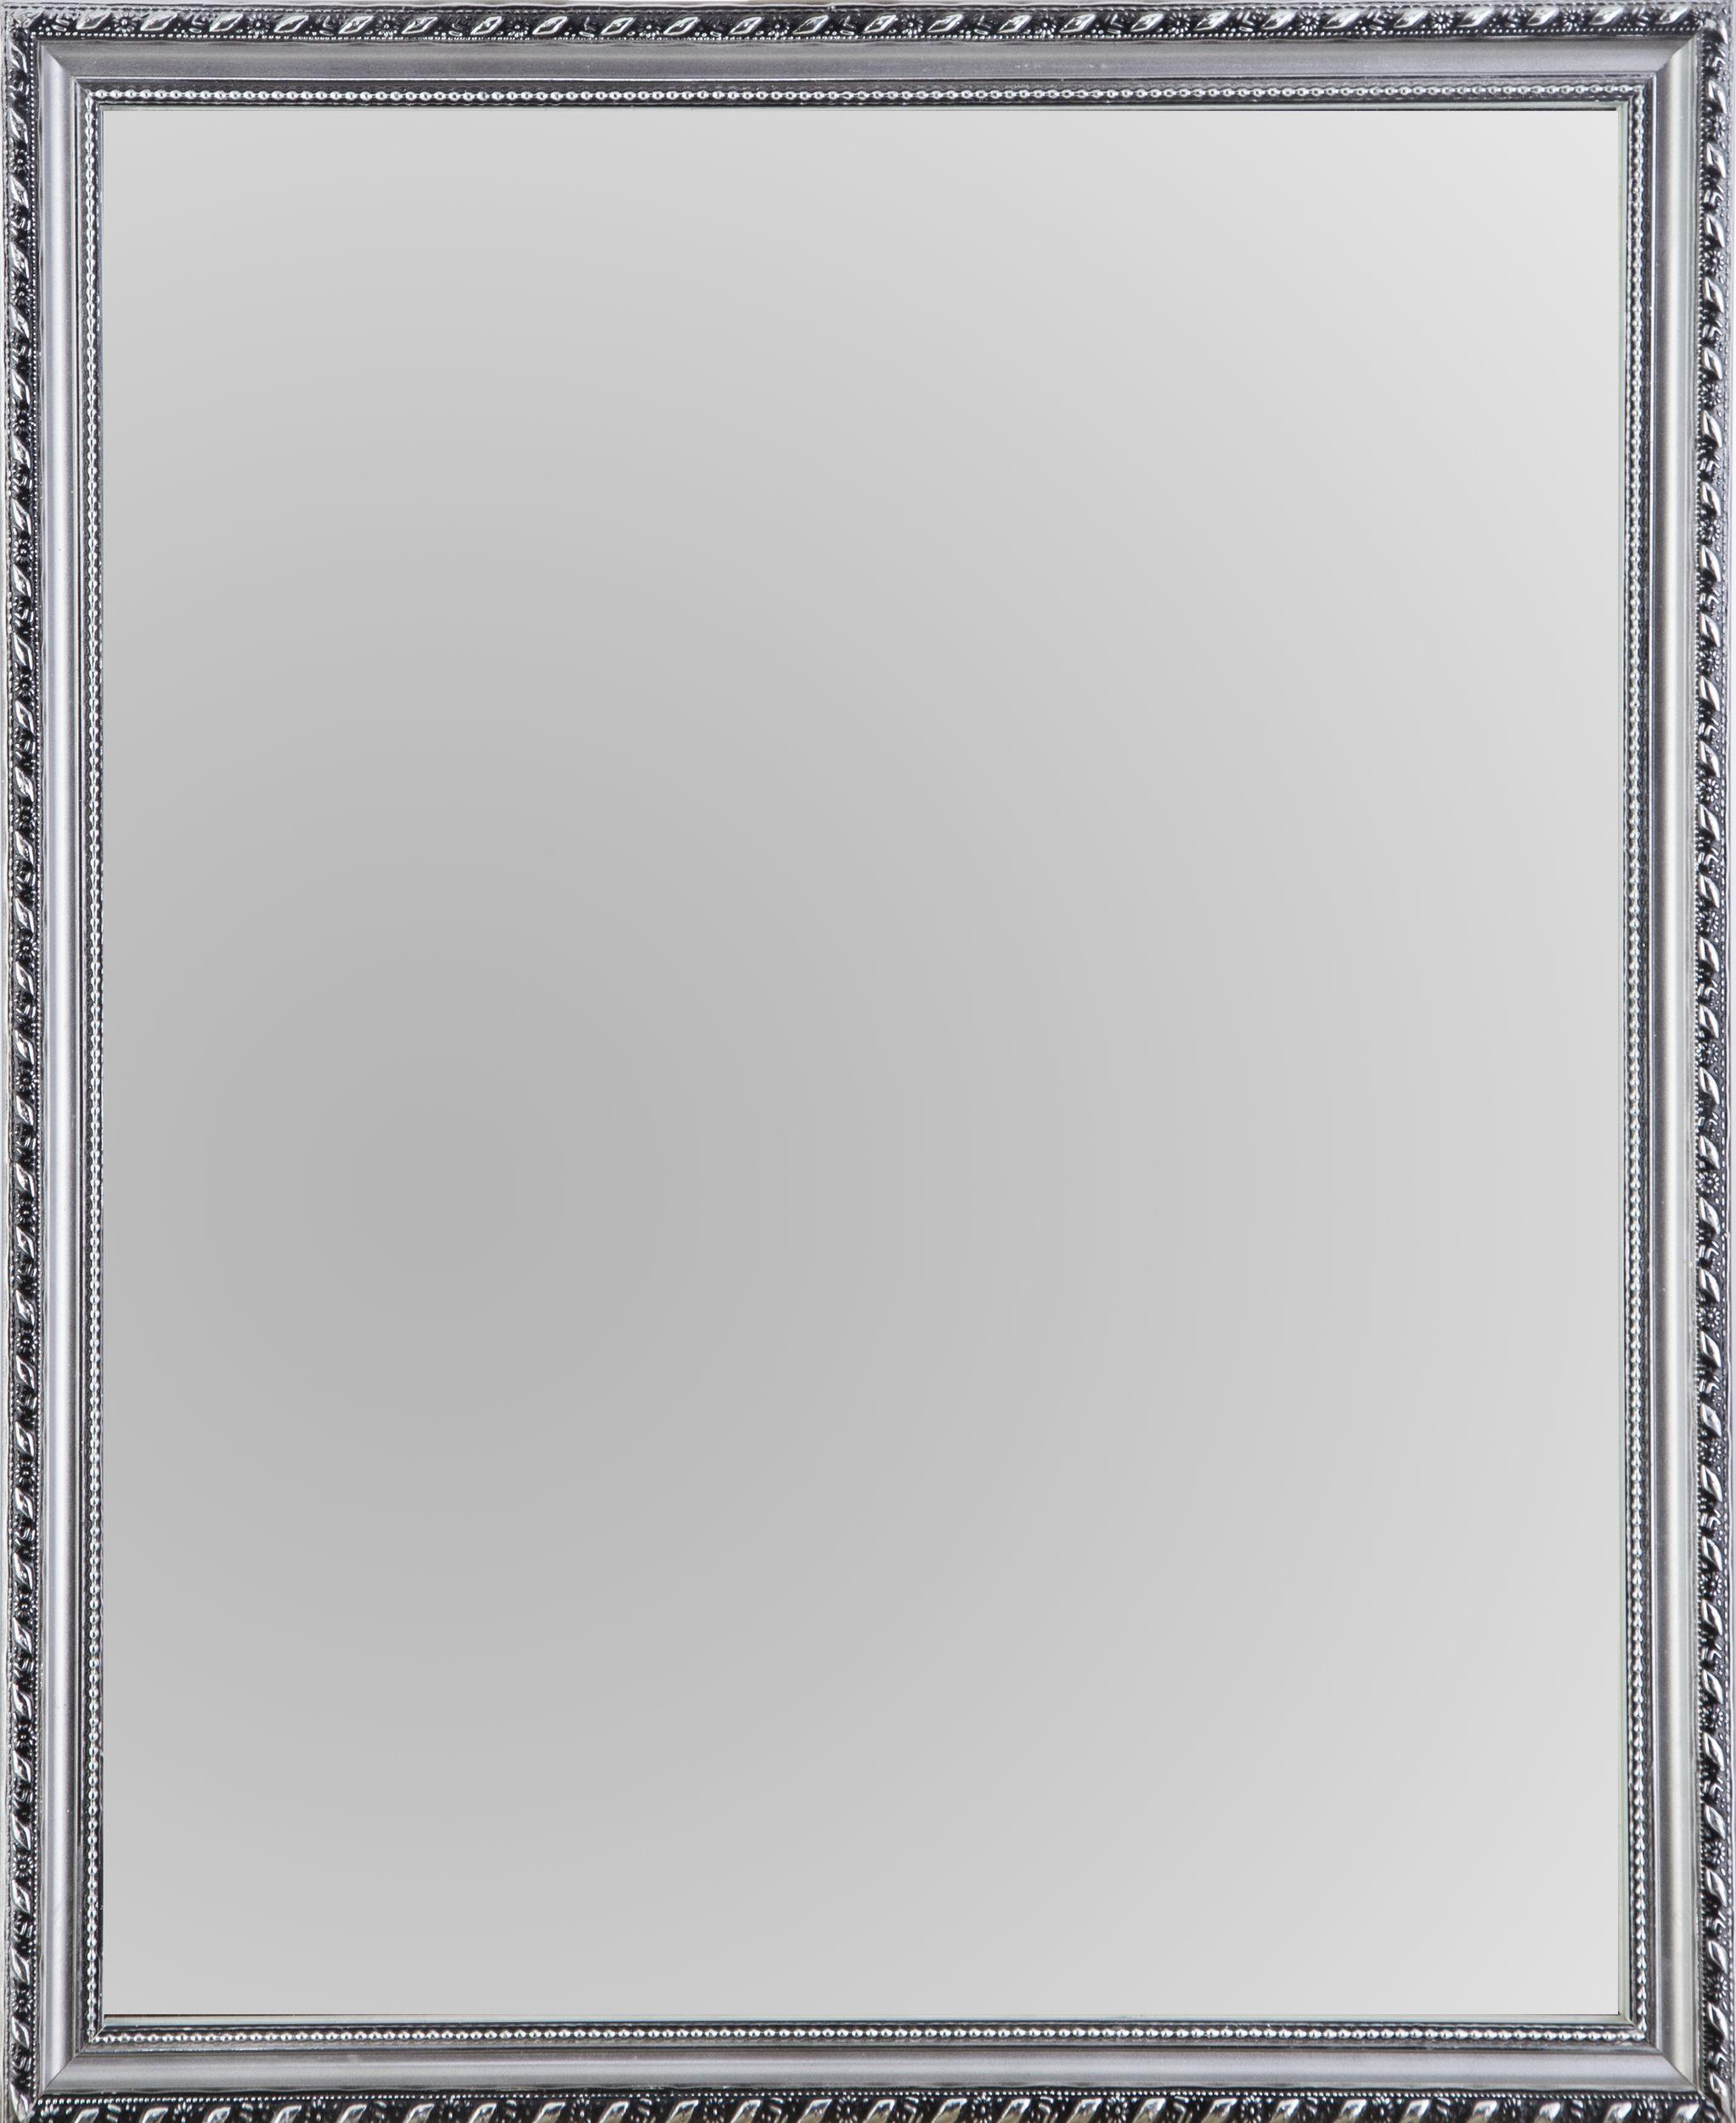 Rahmenspiegel 45x55cm  LISA